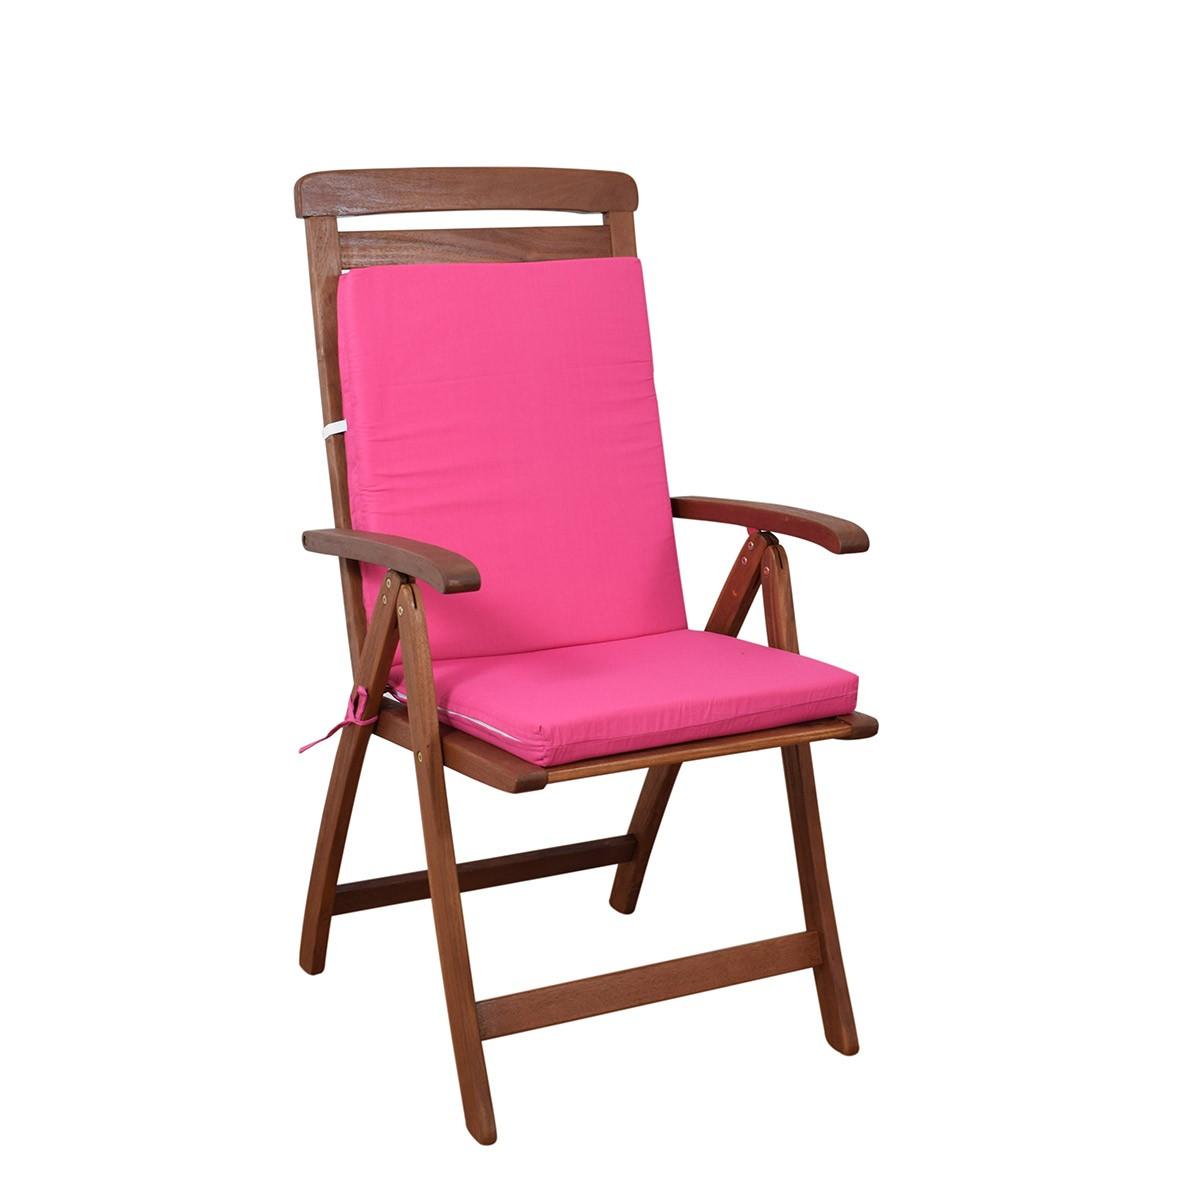 Μαξιλάρι Καρέκλας Πλάτη/Φερμουάρ Fratoni Solid Fuchsia